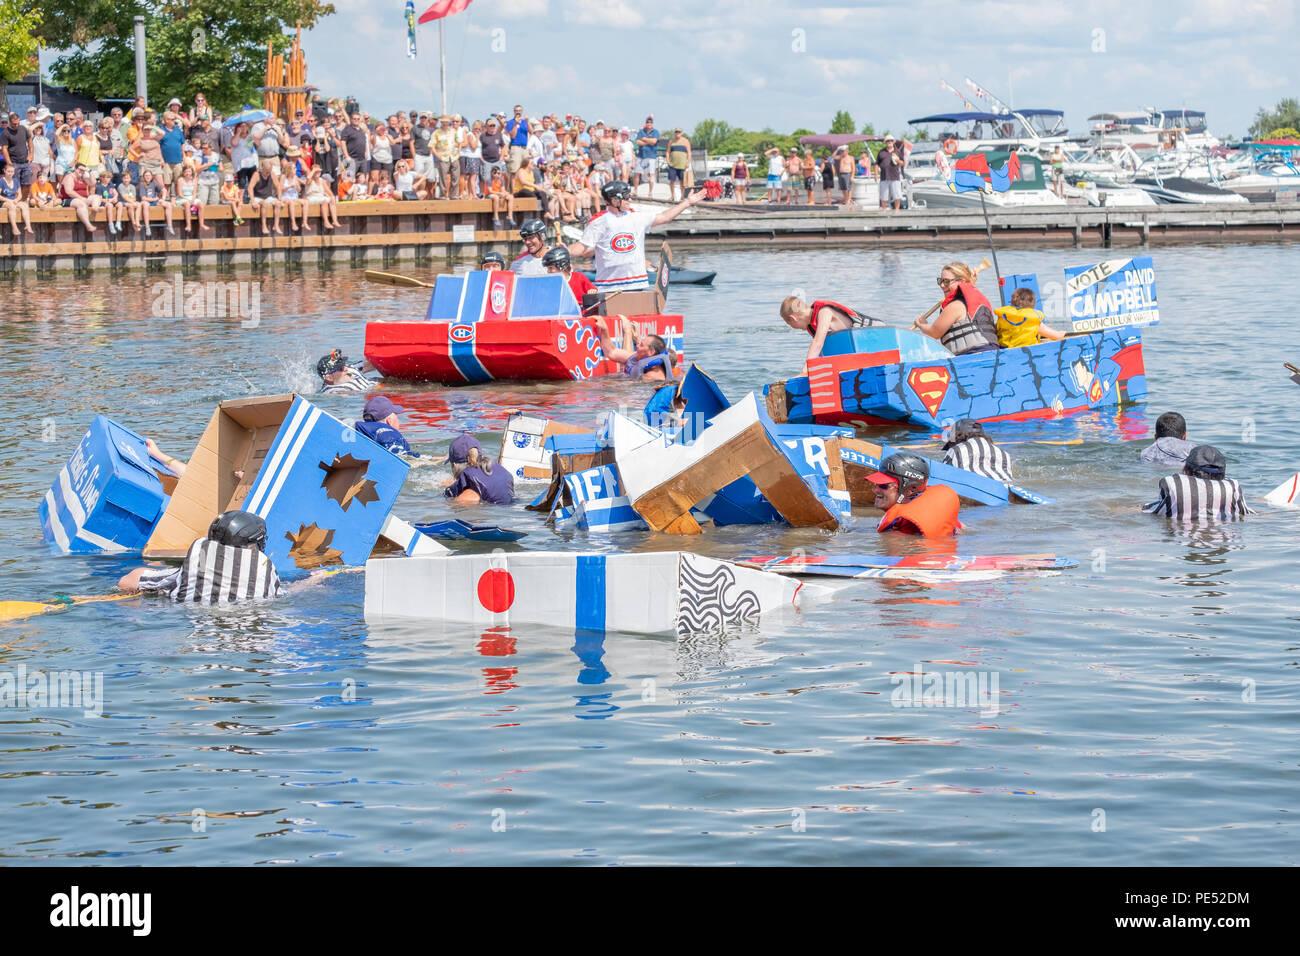 Carnage como barcos de cartón casero tomar agua y colapso durante la anual regata de cartón durante el Festival Waterfront en Orillia Ontario Foto de stock